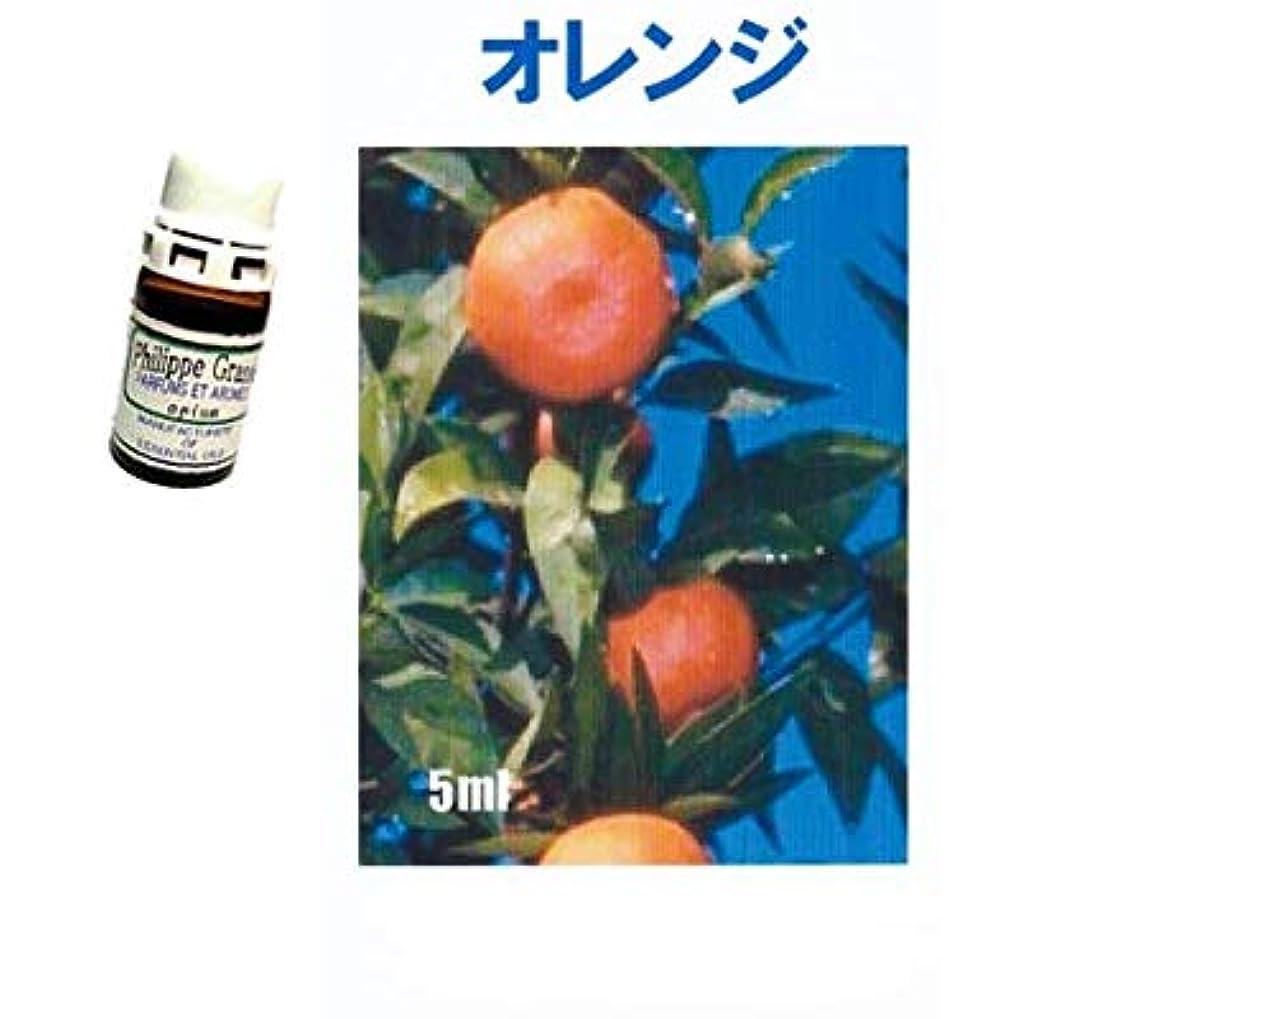 血喉頭アンソロジーアロマオイル オレンジ 5ml エッセンシャルオイル 100%天然成分